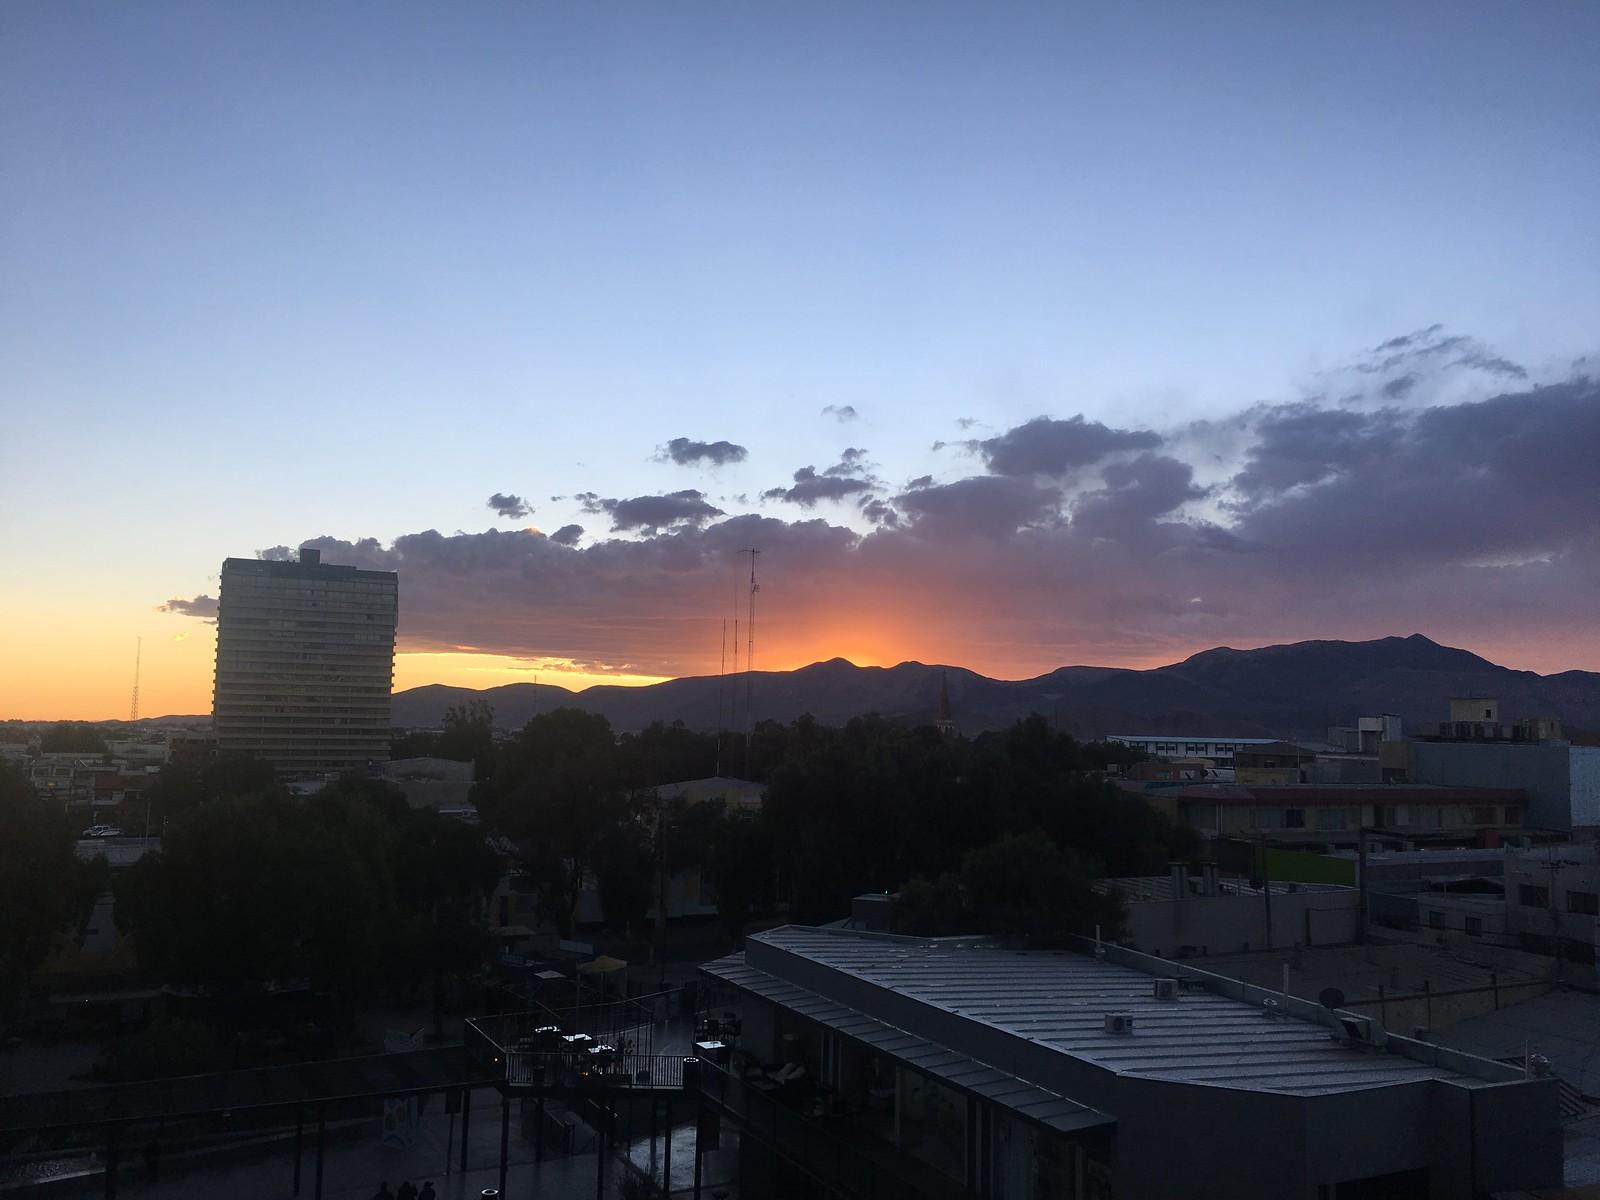 Sunset in Calama